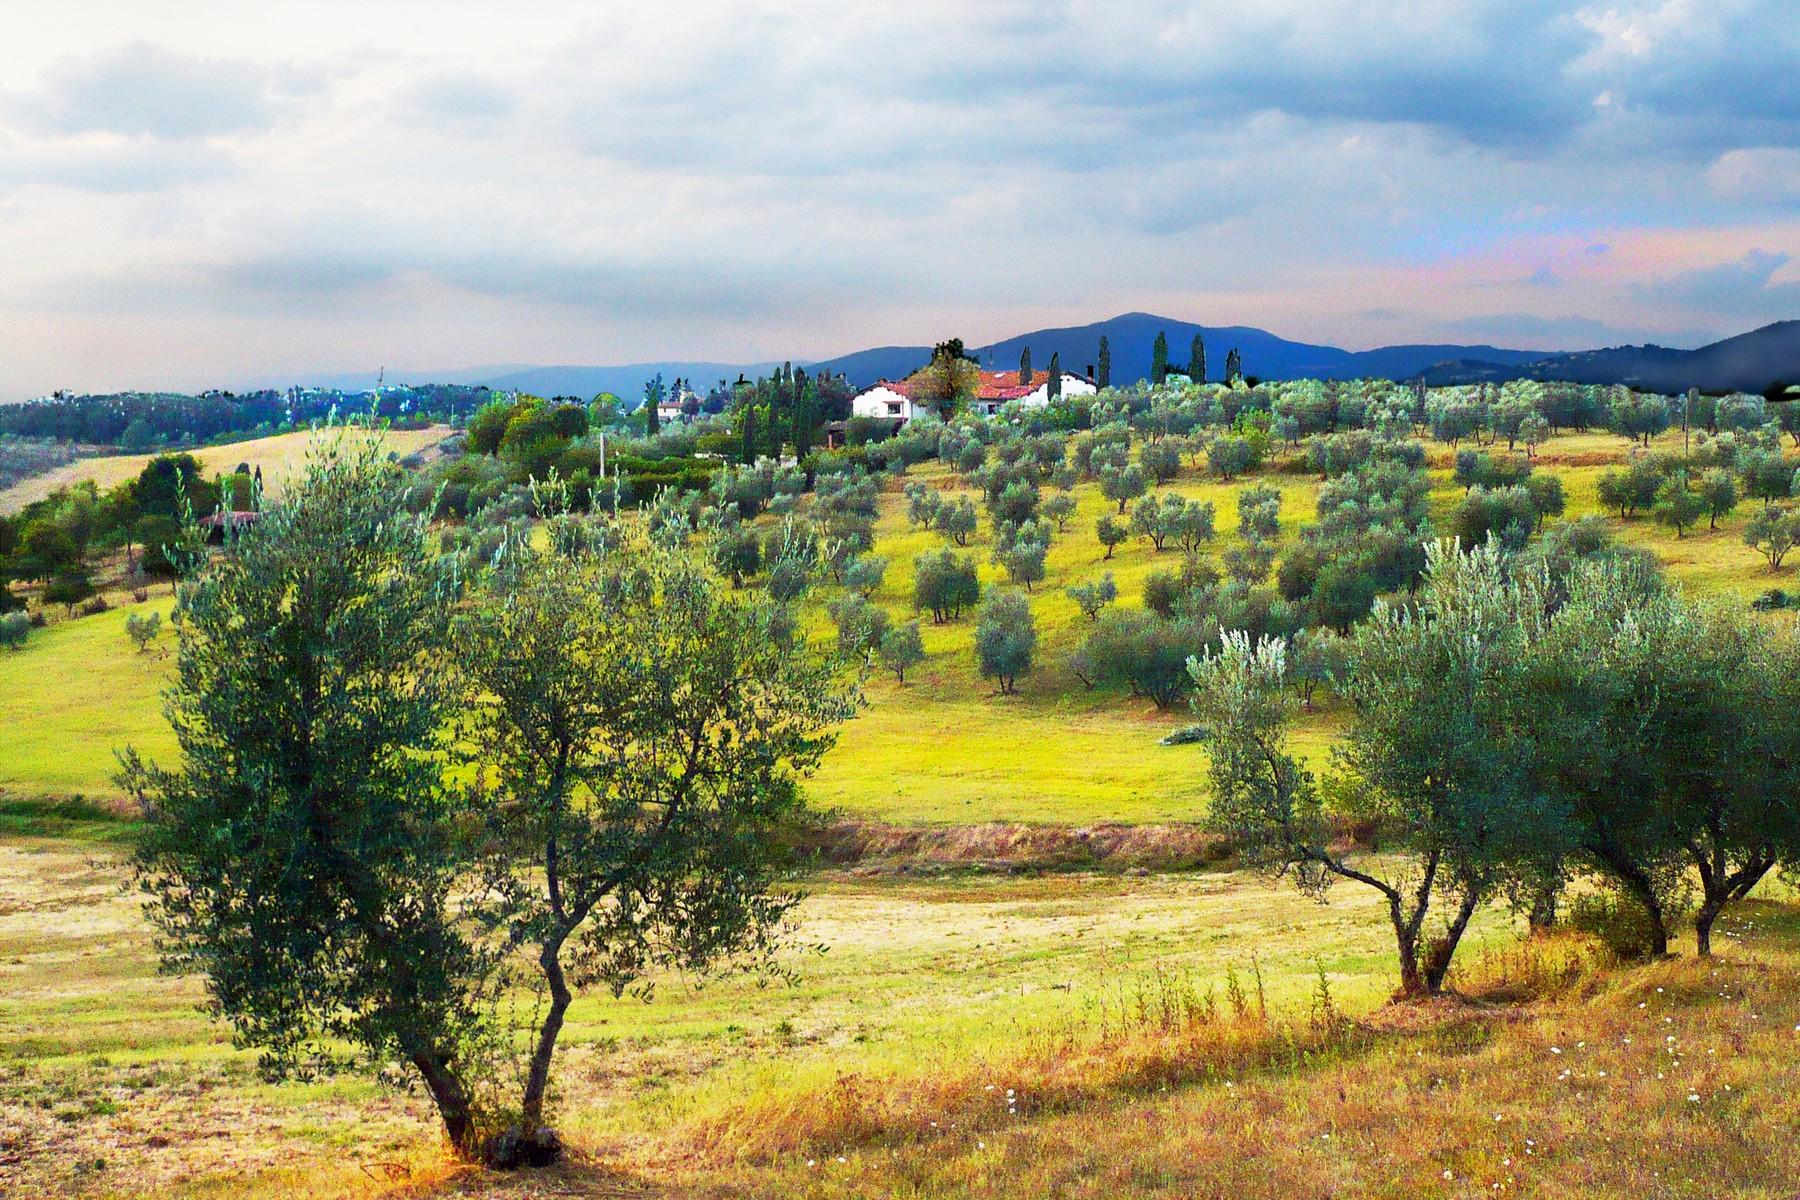 Propriété dans la campagne toscane avec des terres